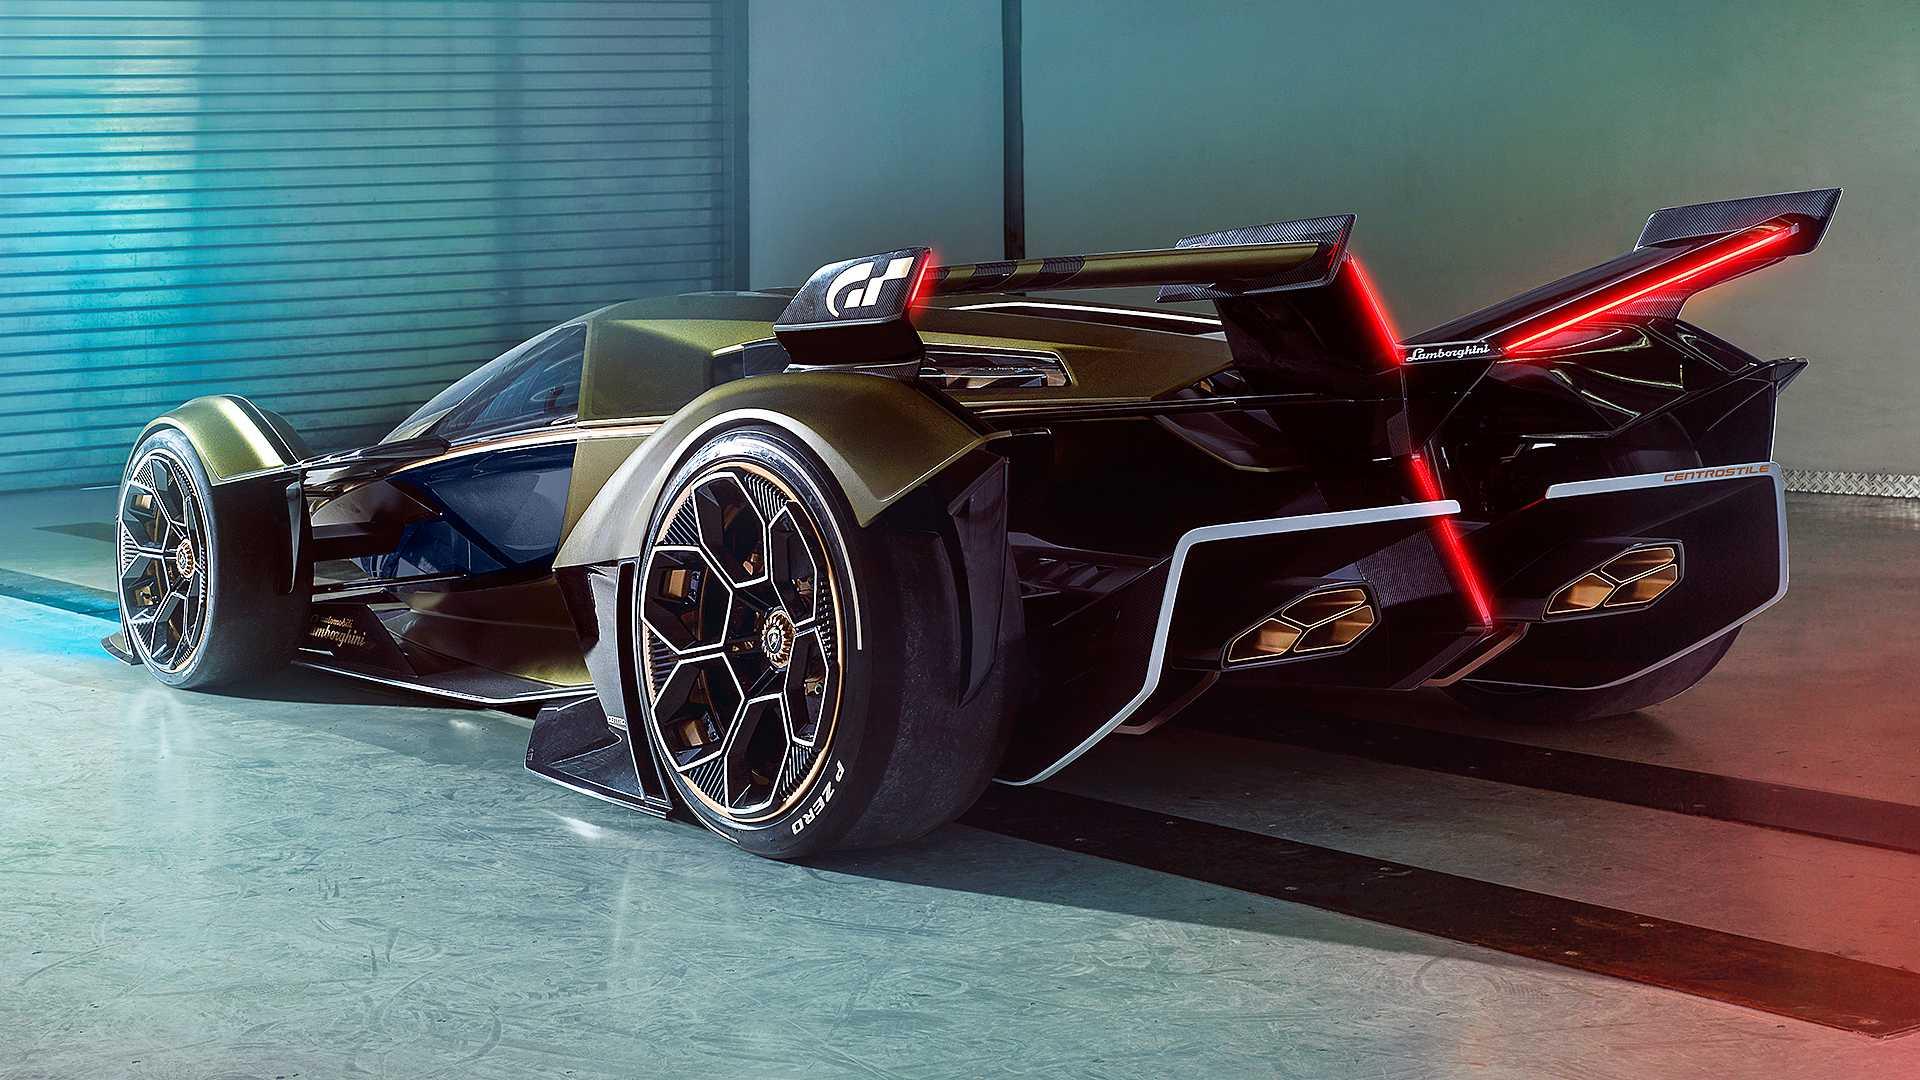 Lamborghini Lambo V12 Vision Gran Turismo concept unveiled in Monaco